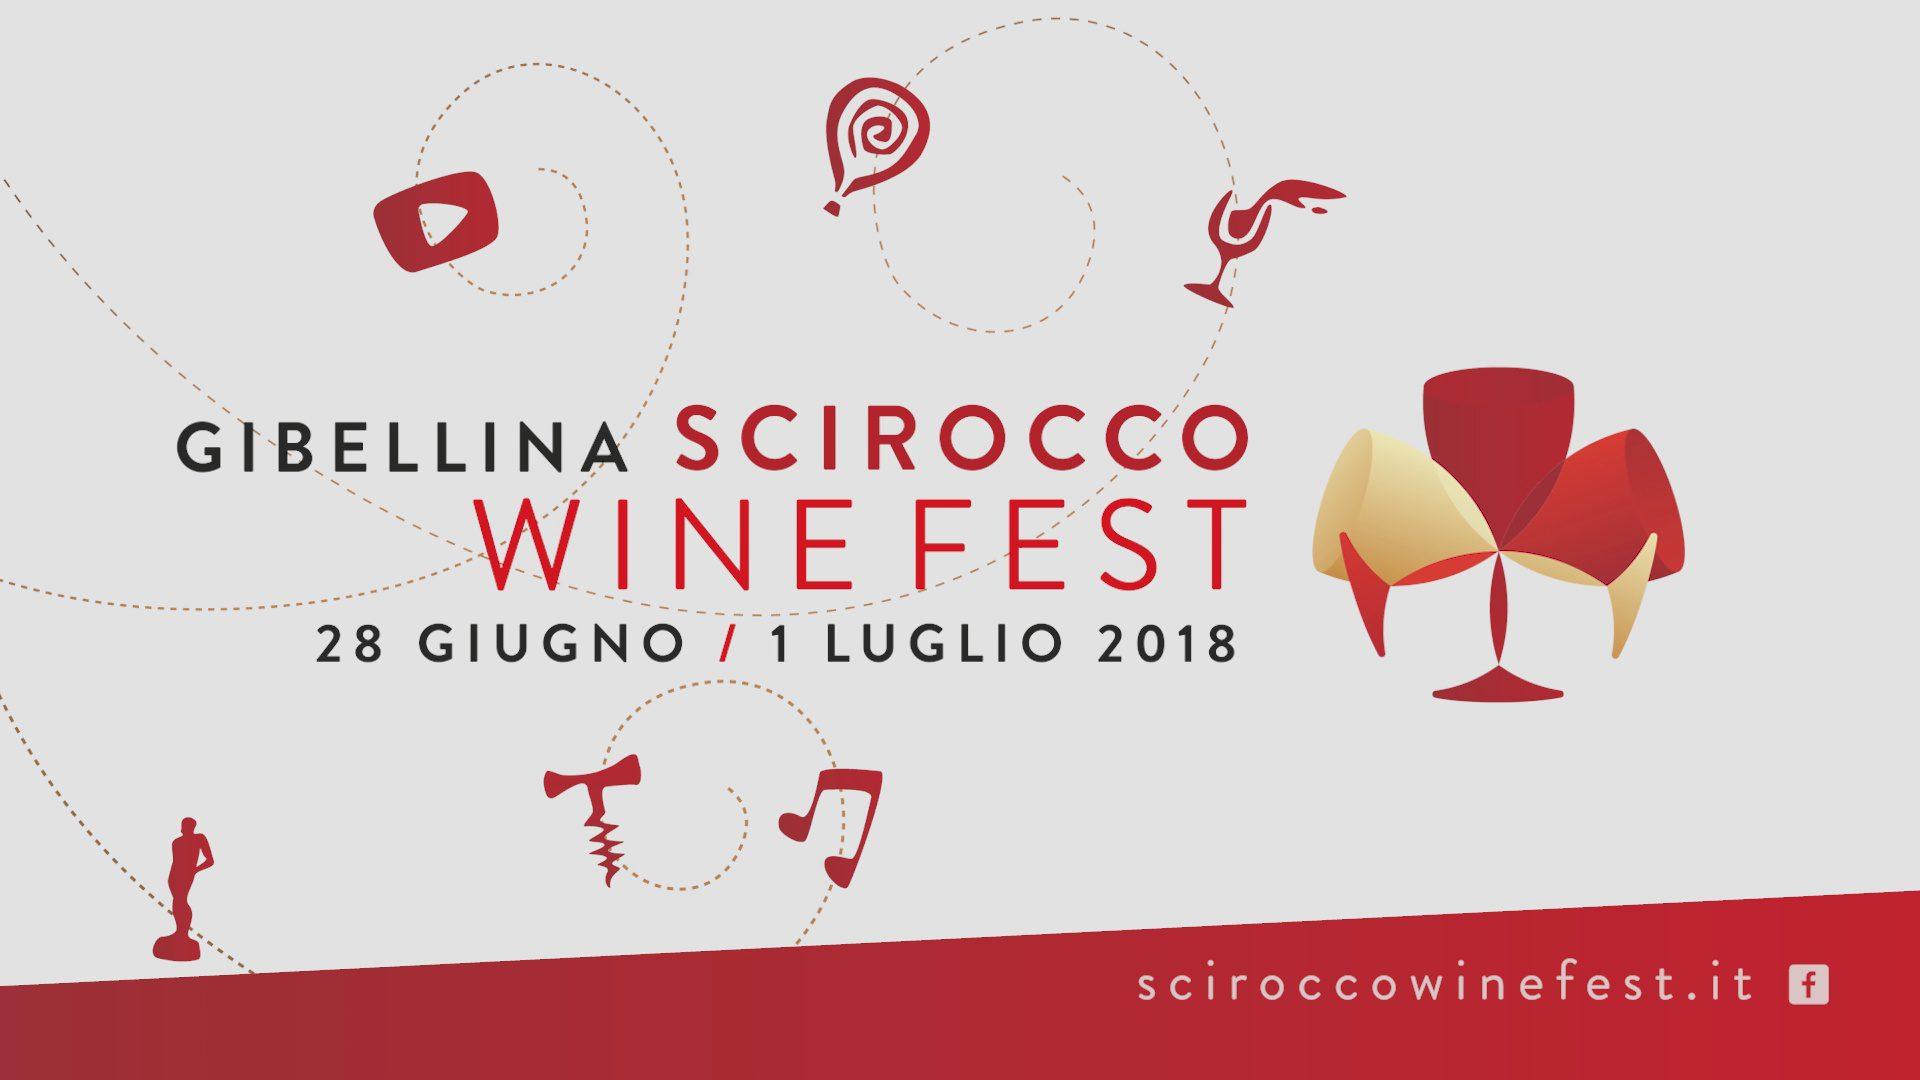 Scirocco-Wine-fest-2018